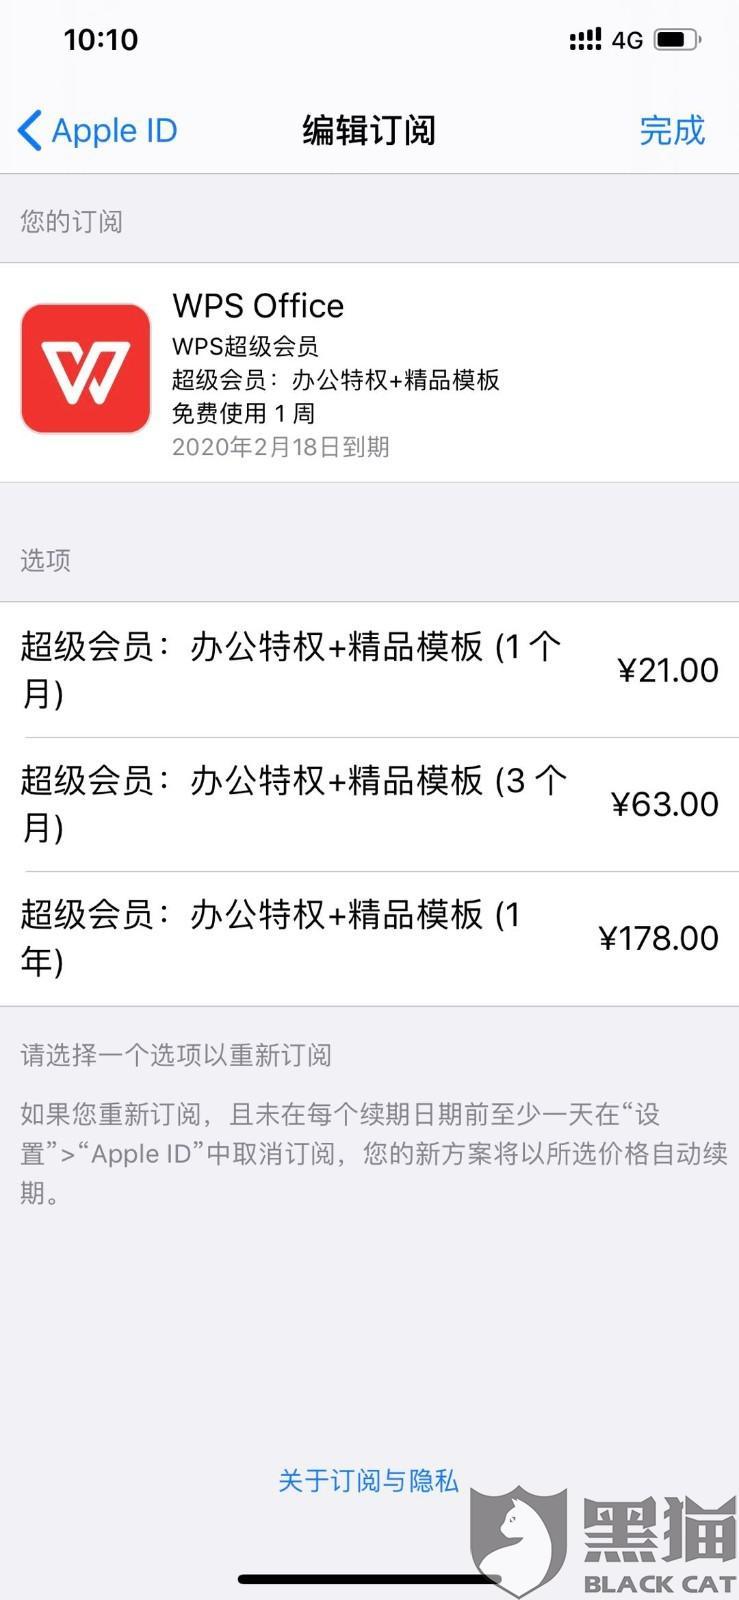 黑猫投诉:app store的订阅菜单里无法取消本人没有订阅的服务